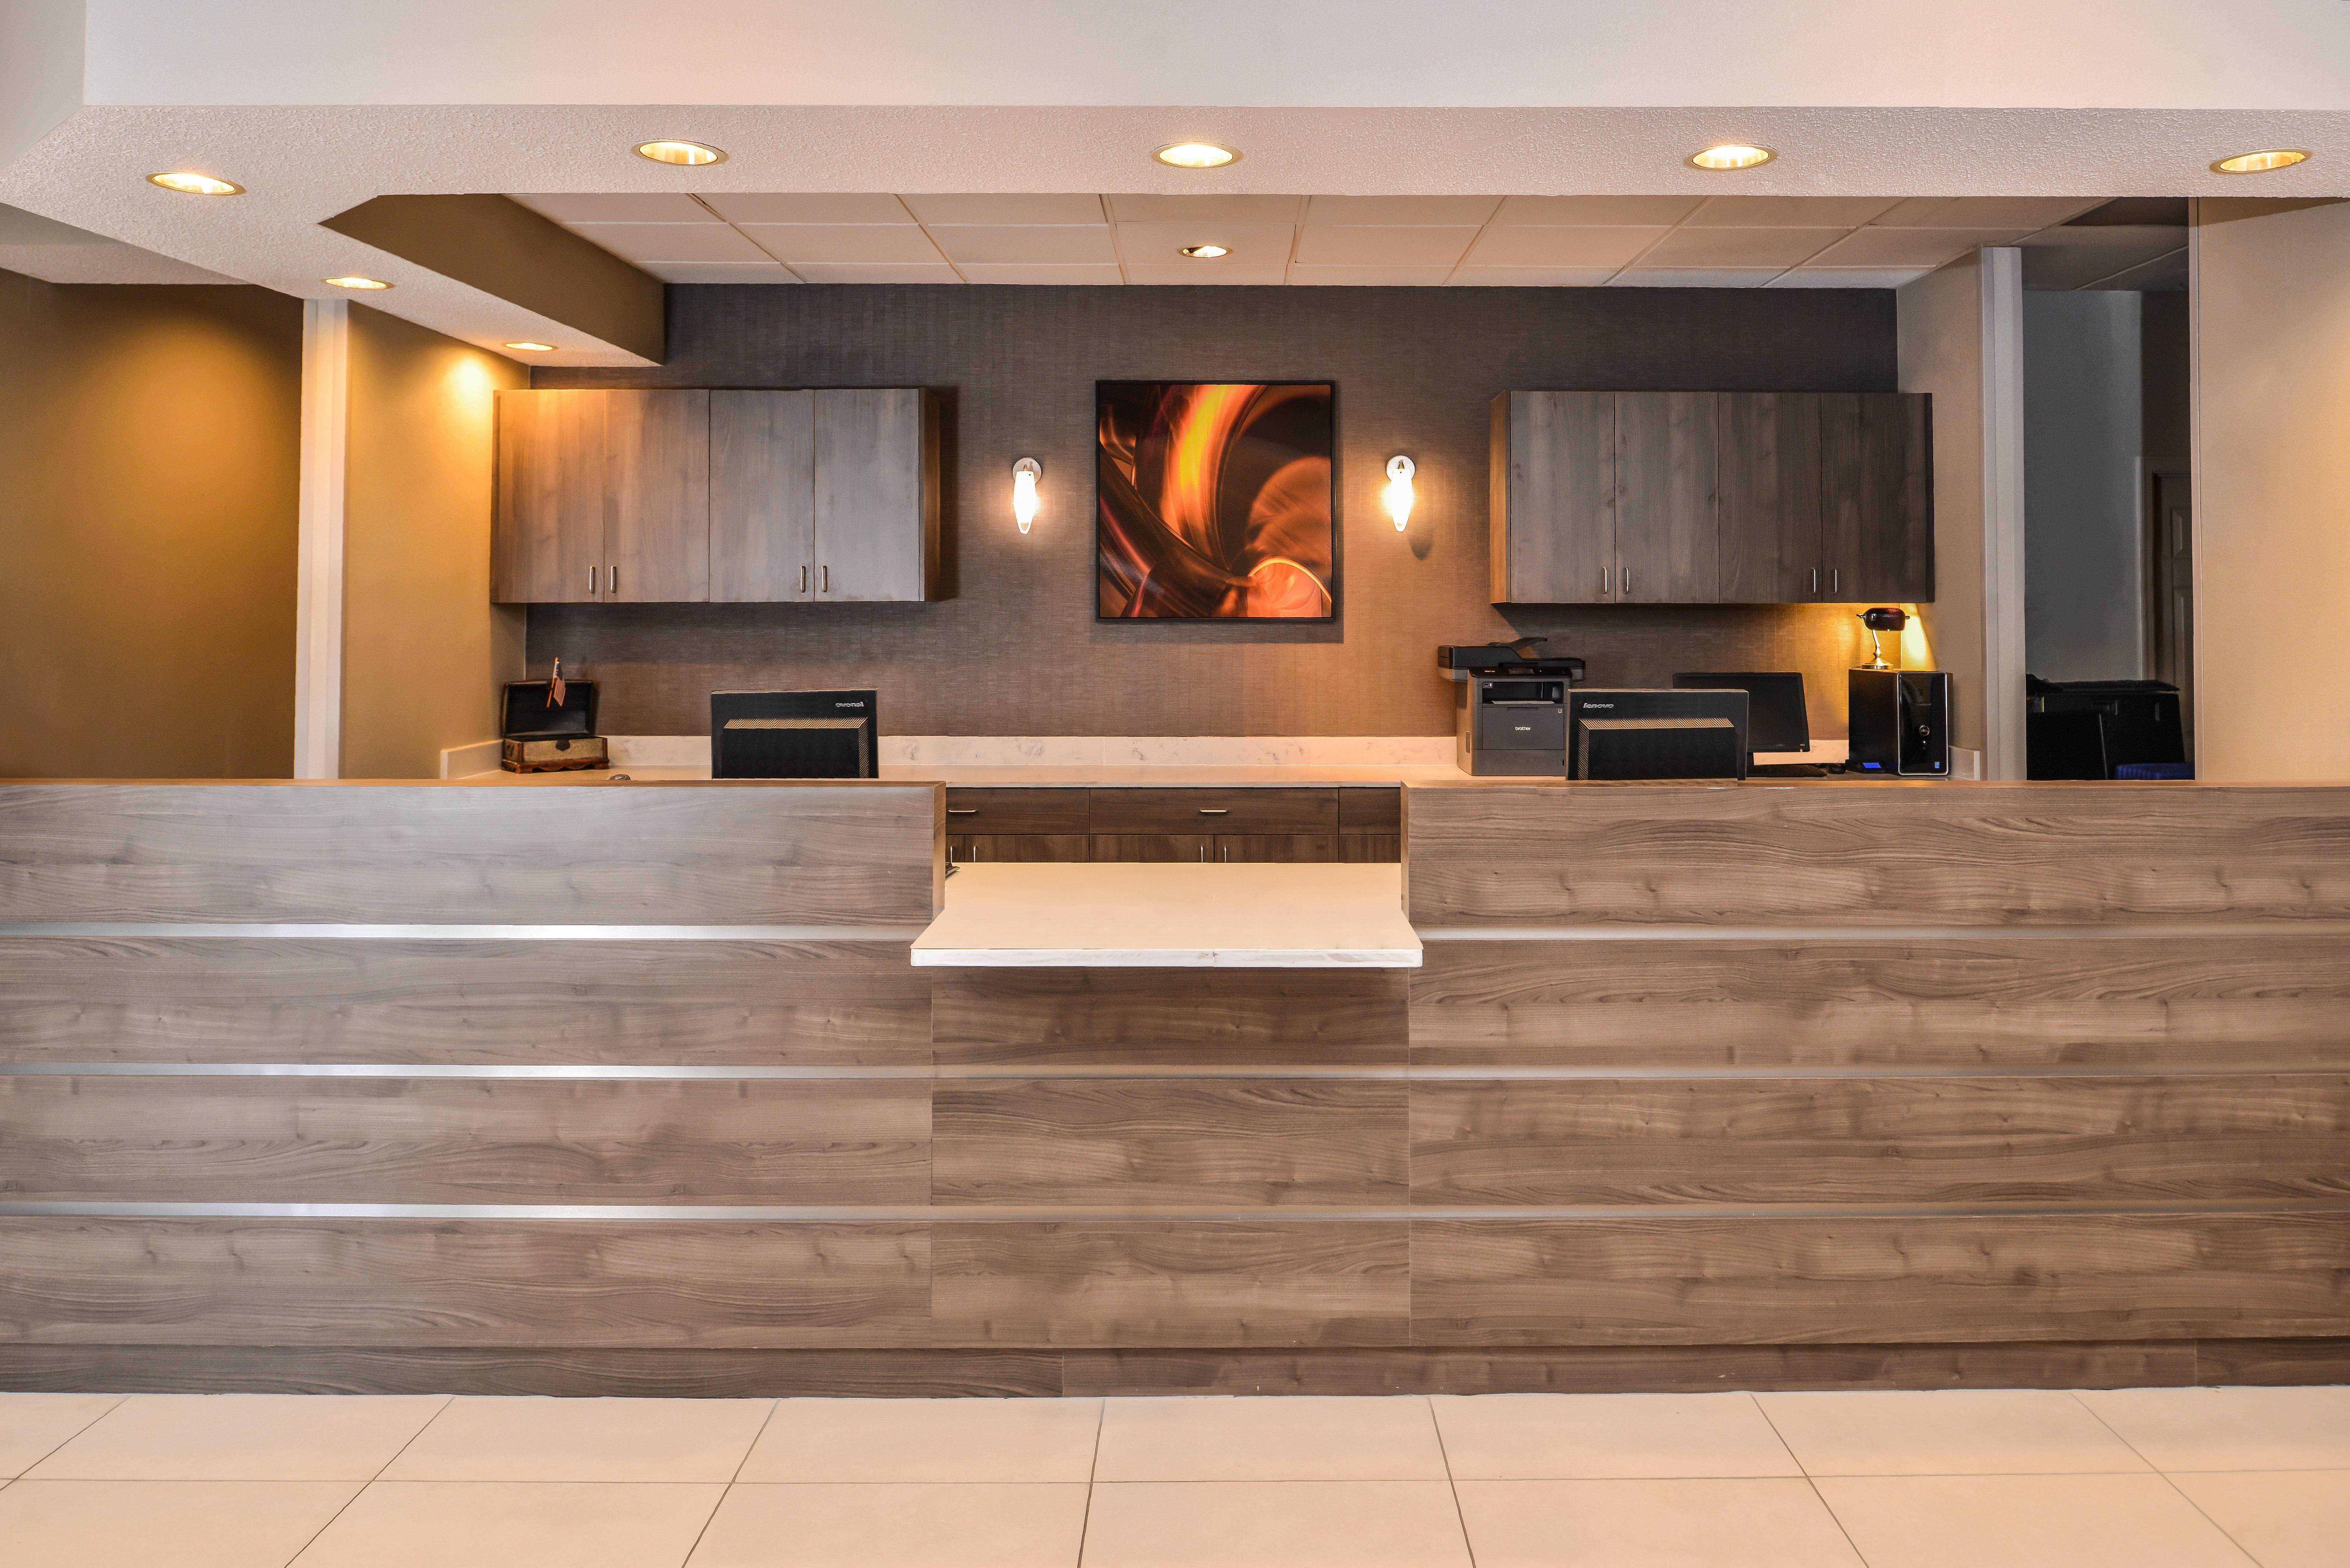 Residence Inn by Marriott Branson image 2